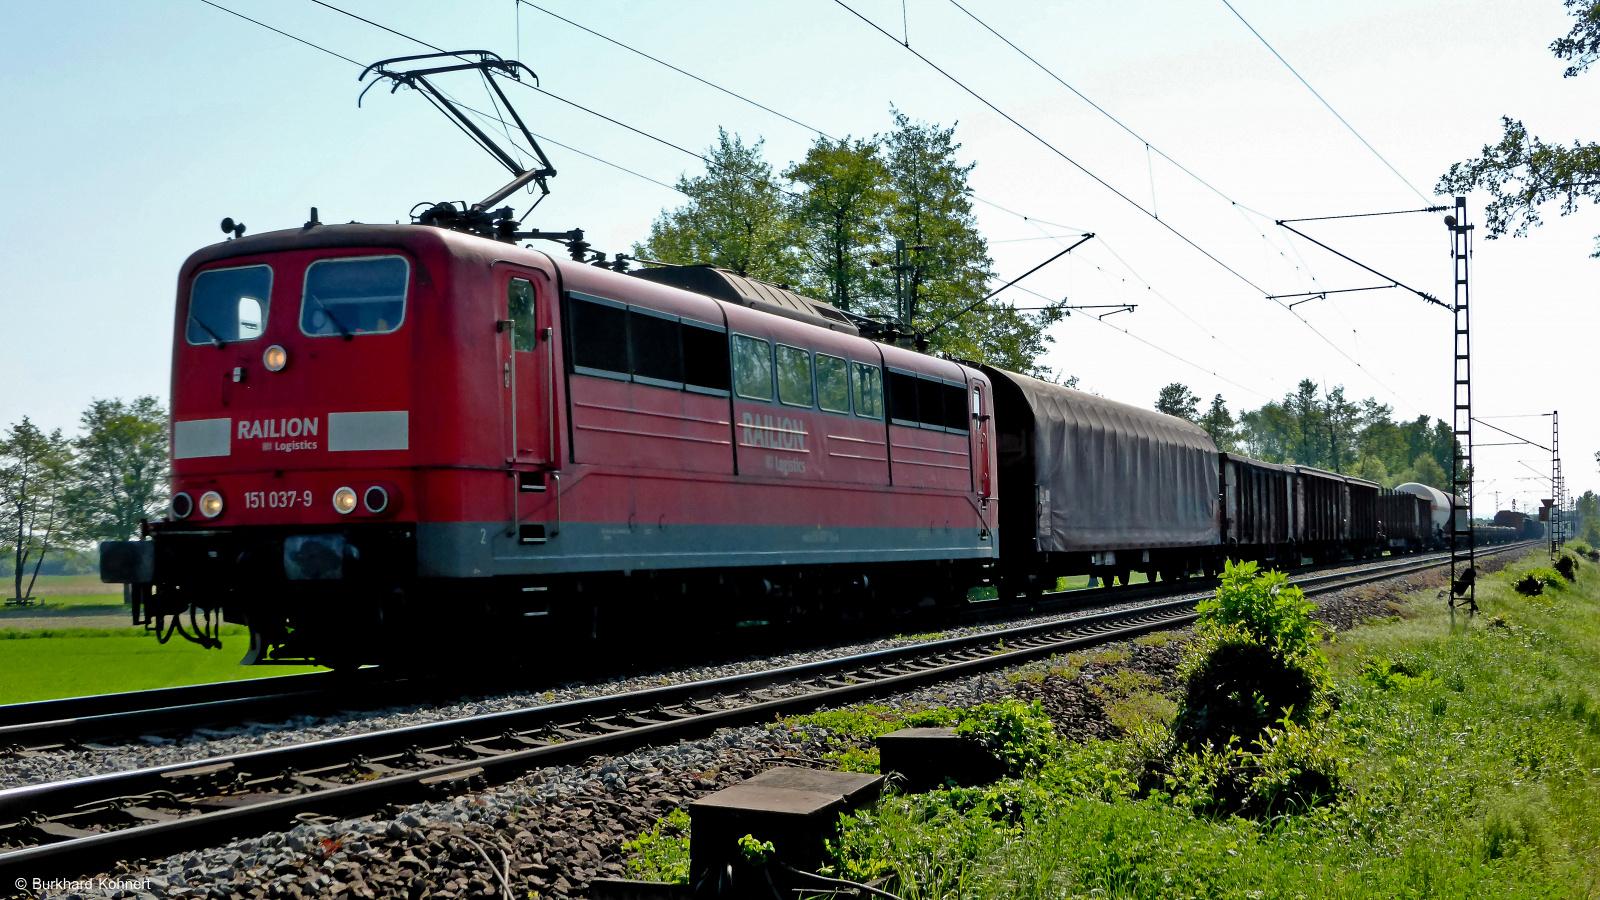 151 037-9 Railion vor einem gem. Güterzug